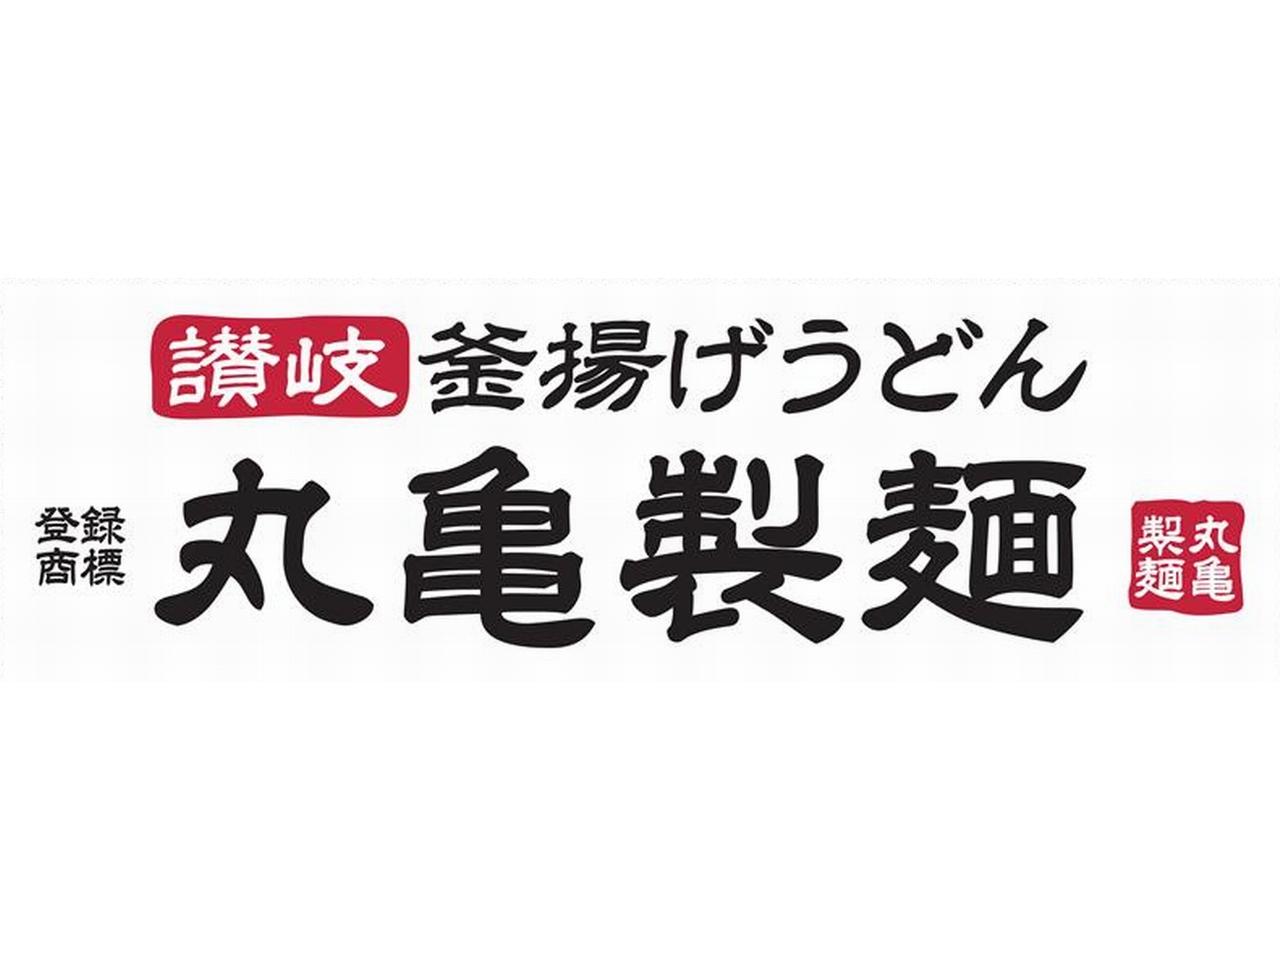 【急募】(1)接客/ホール [ア][パ] (2)厨房/キッチン ...